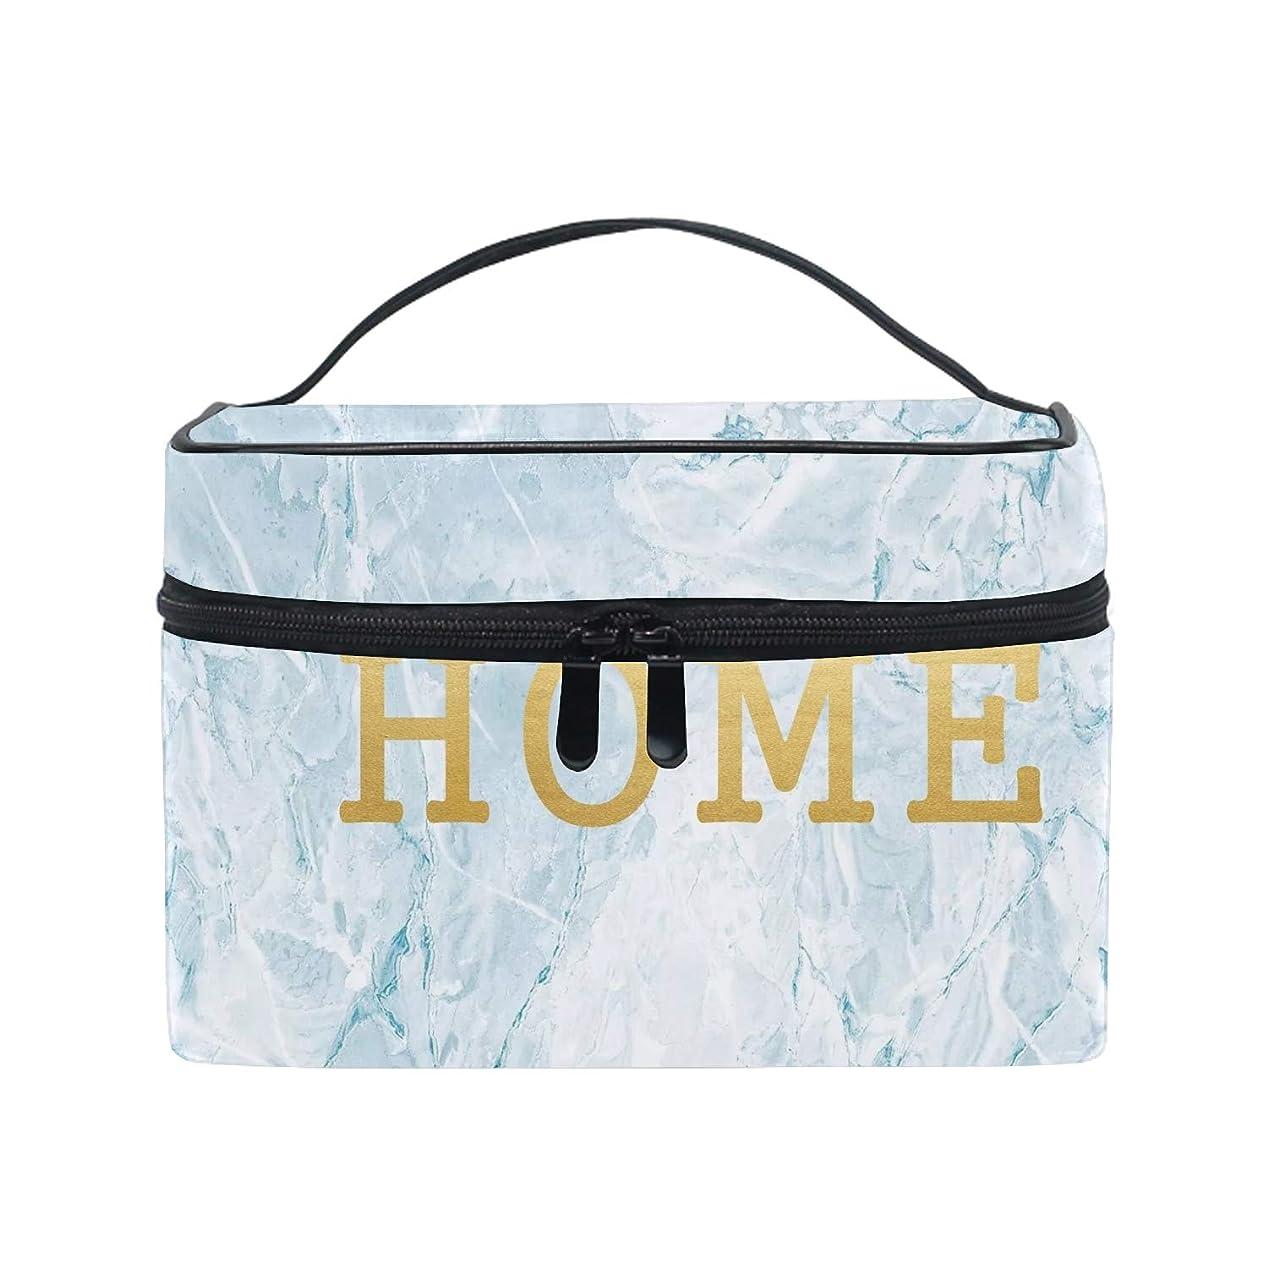 テーマスーダンによるとホームコスメポーチ 化粧収納バッグ レディース 携帯便利 旅行 誕生日 プレゼント